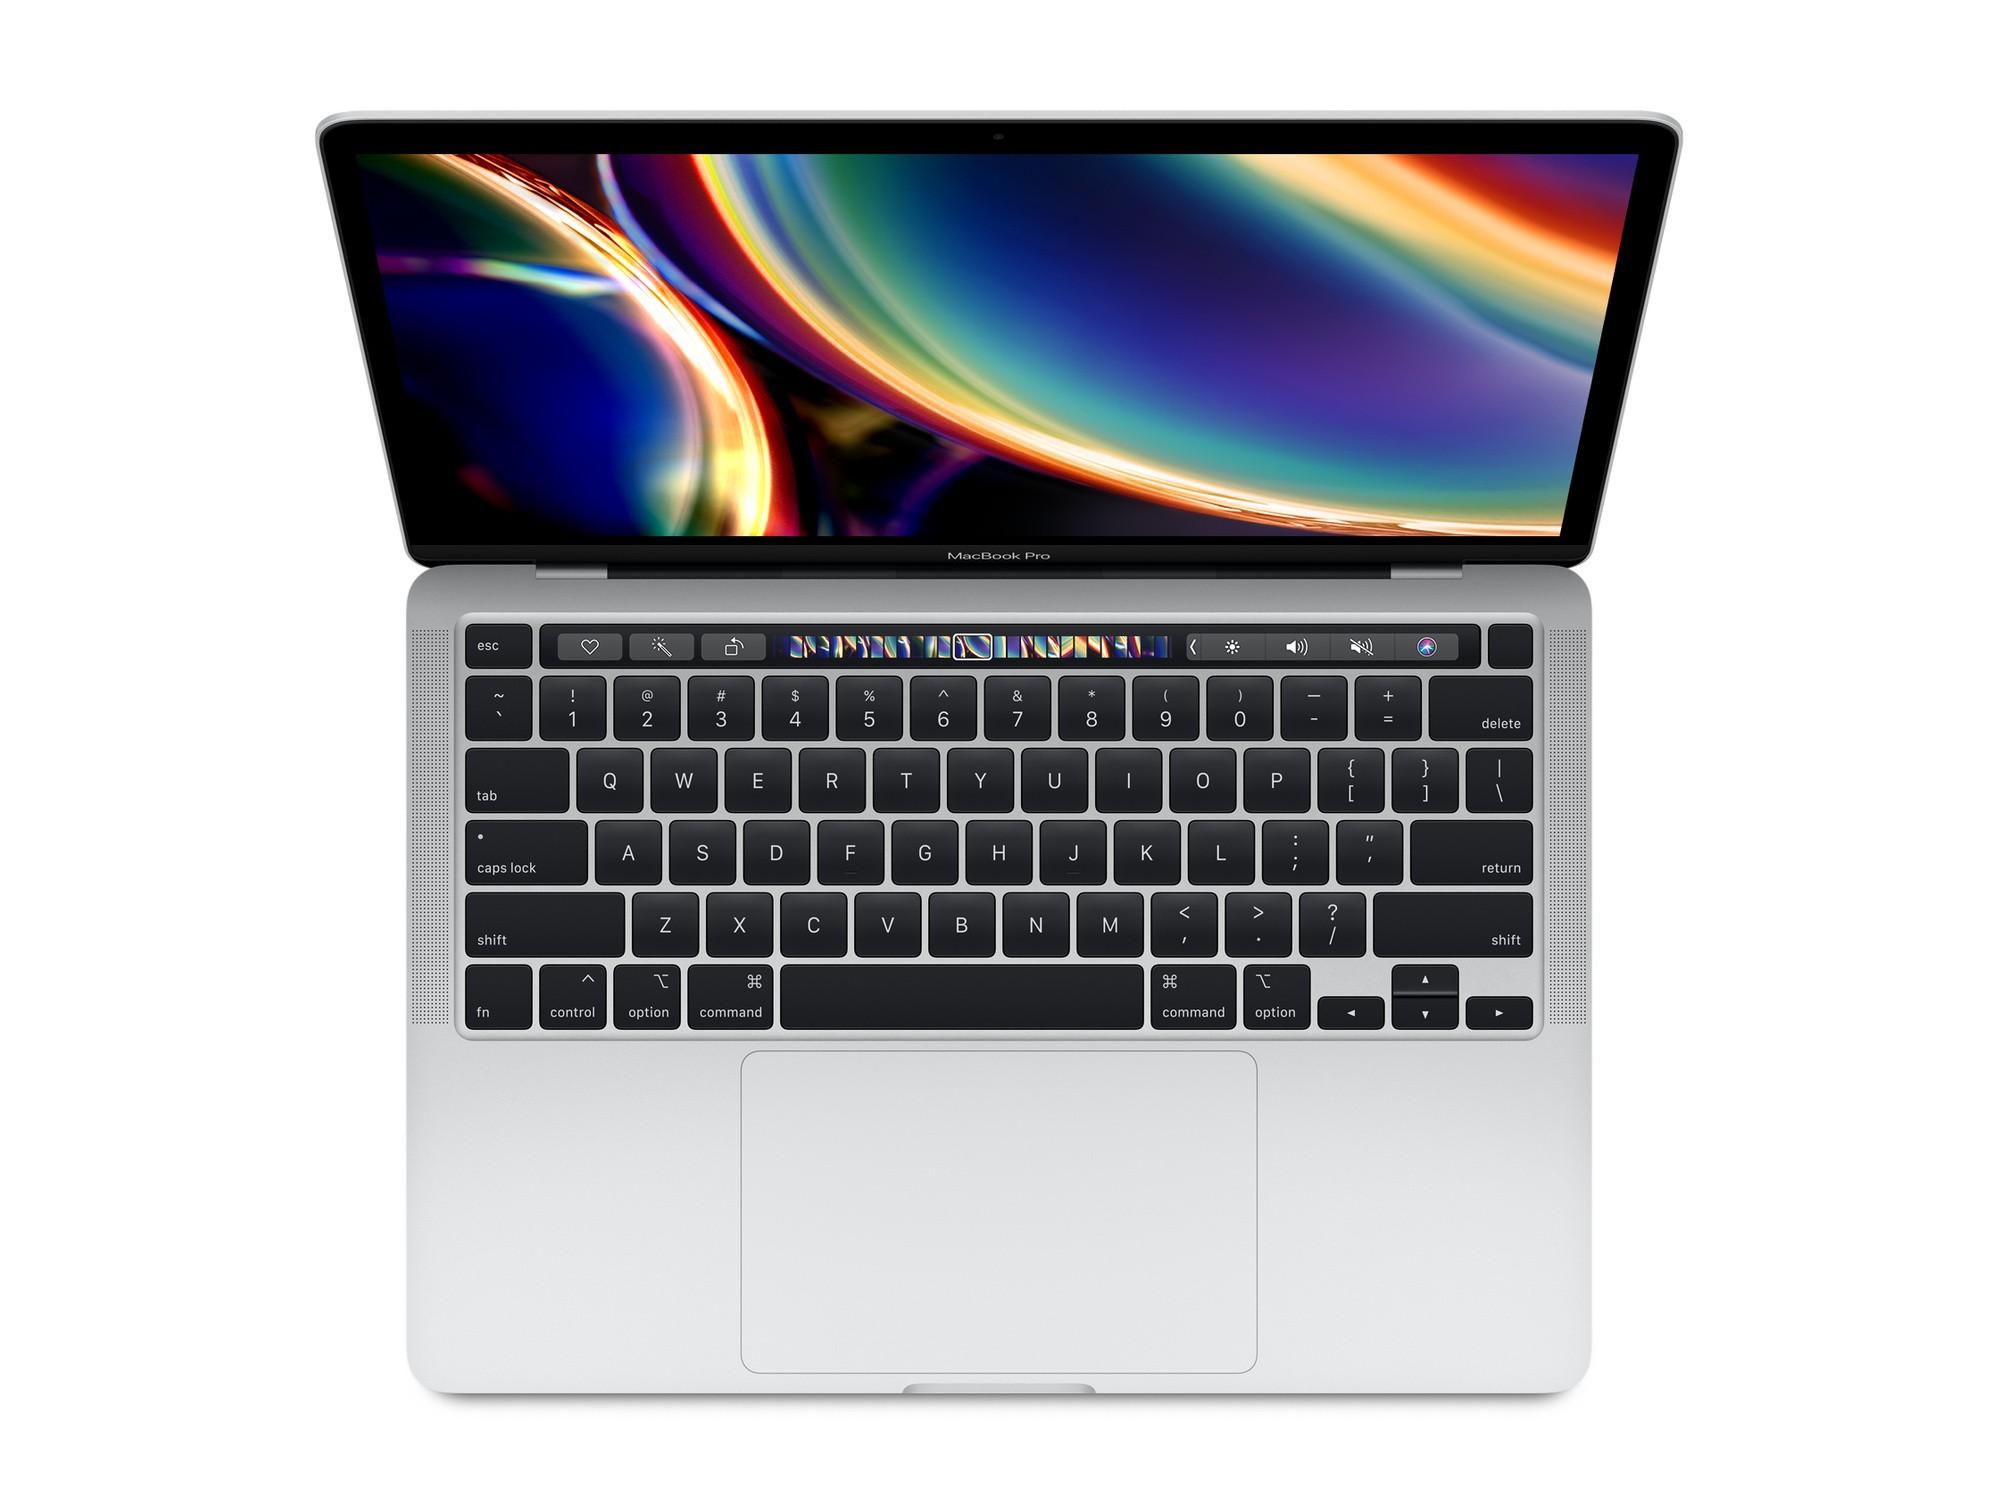 En ucuz Apple 13-inch MacBook Pro with Touch Bar: 2.0GHz quad-core  10th-generation Intel Core i5 processor, 512Gb - Silver Mwp72Tu/a fiyatları  - En ucuz uygun fiyat